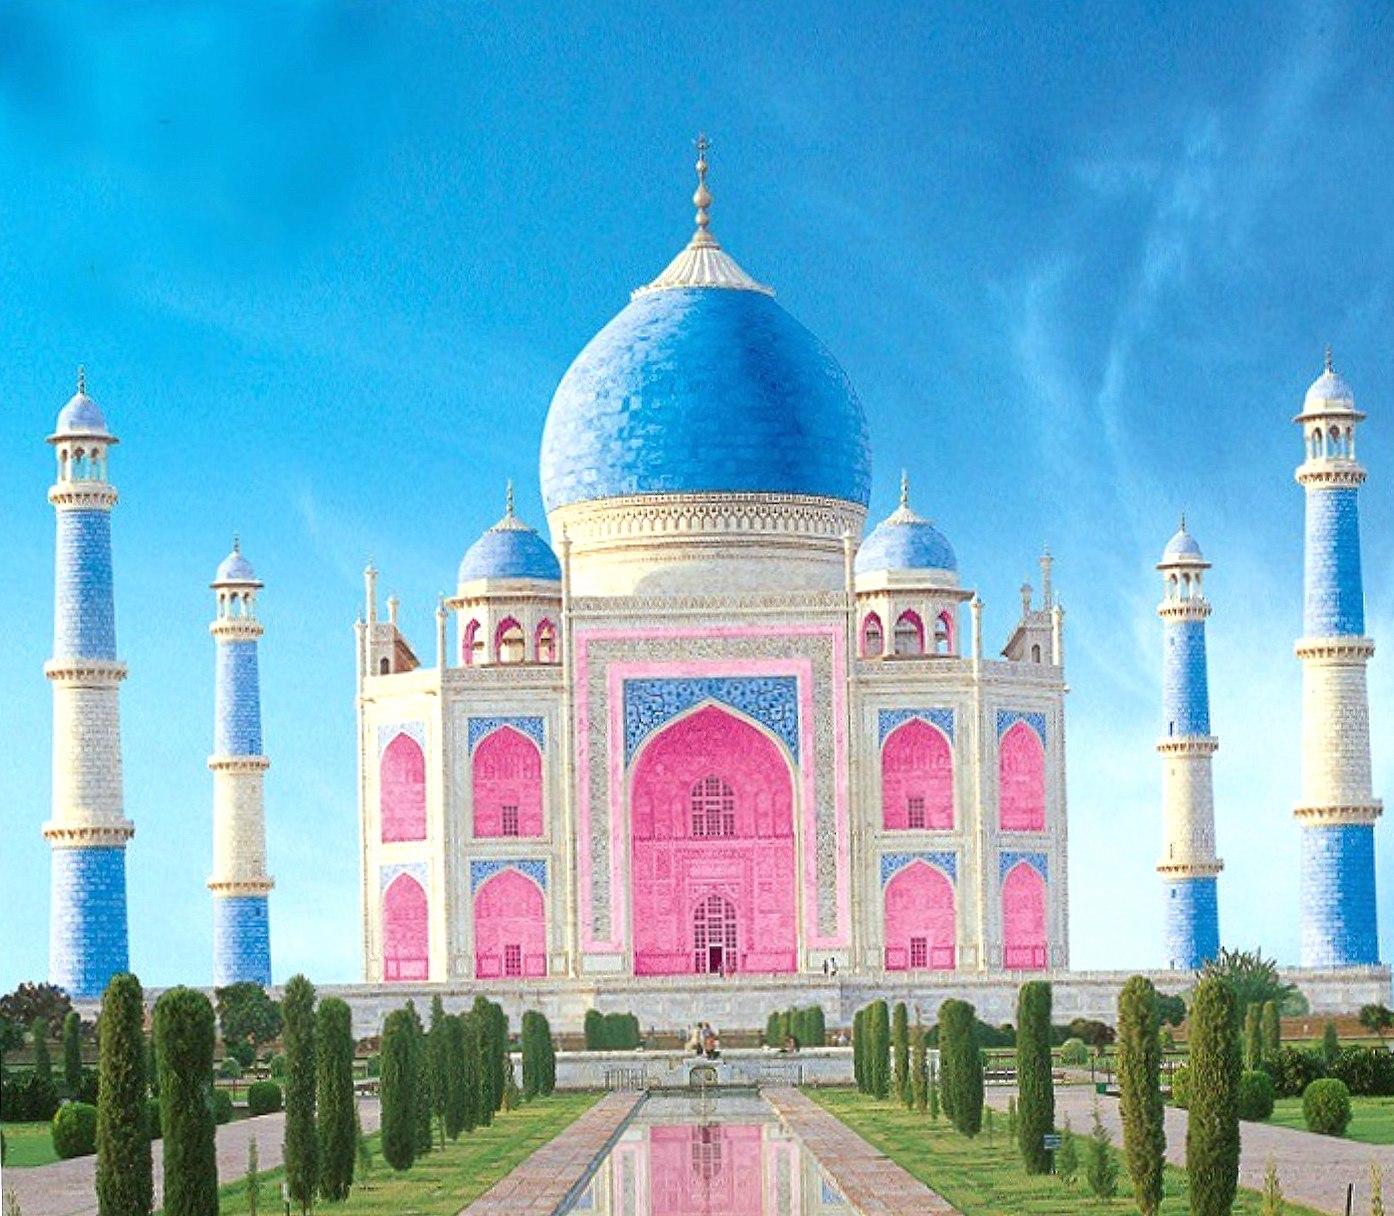 Taj Mahal Hd wallpapers HD quality